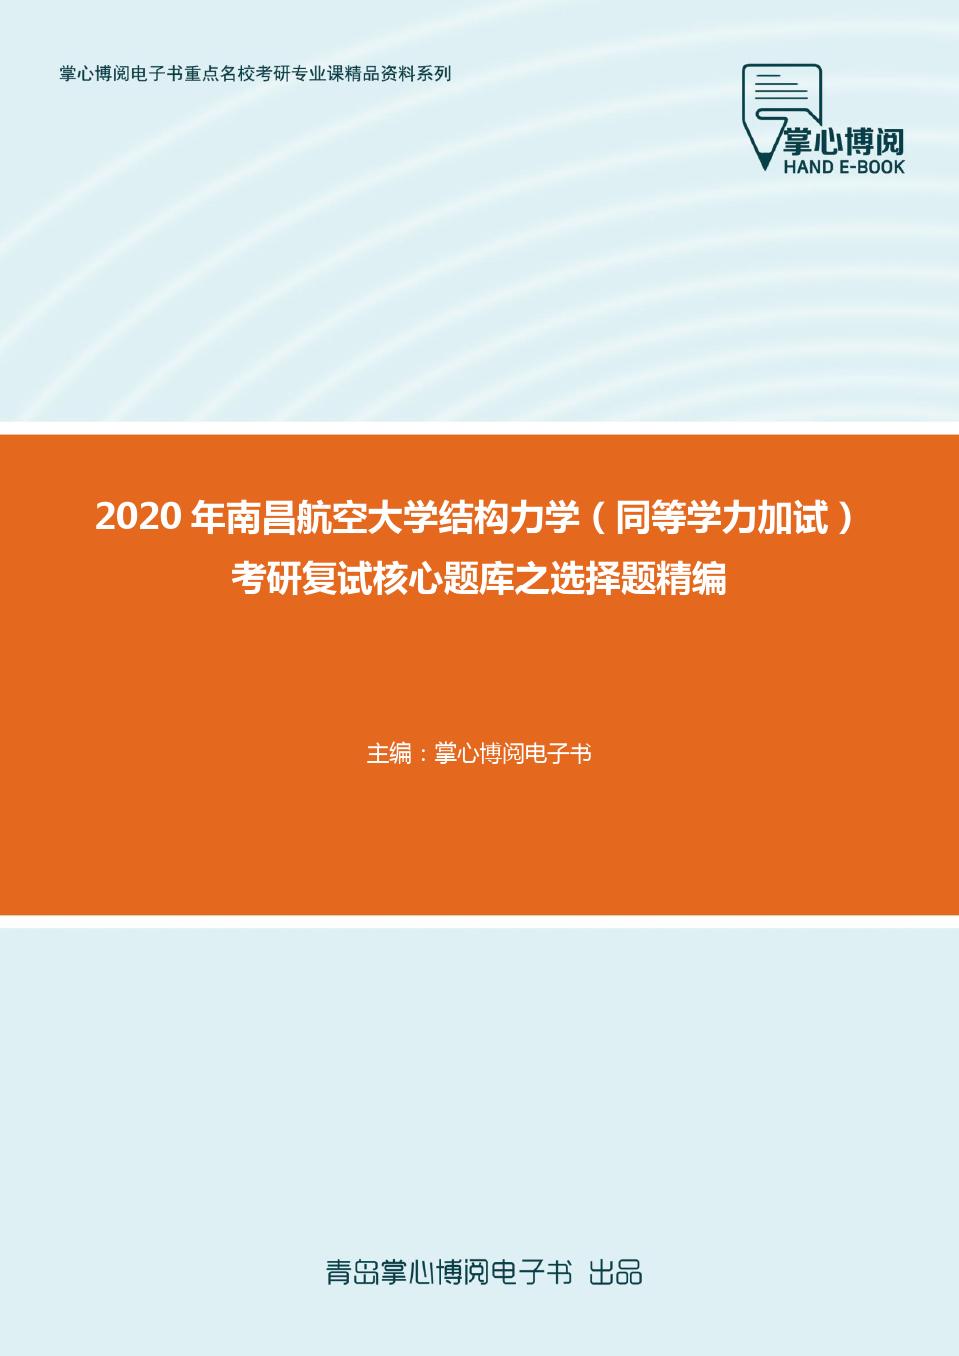 2020年南昌航空大学结构力学(同等学力加试)考研复试核心题库之选择题精编